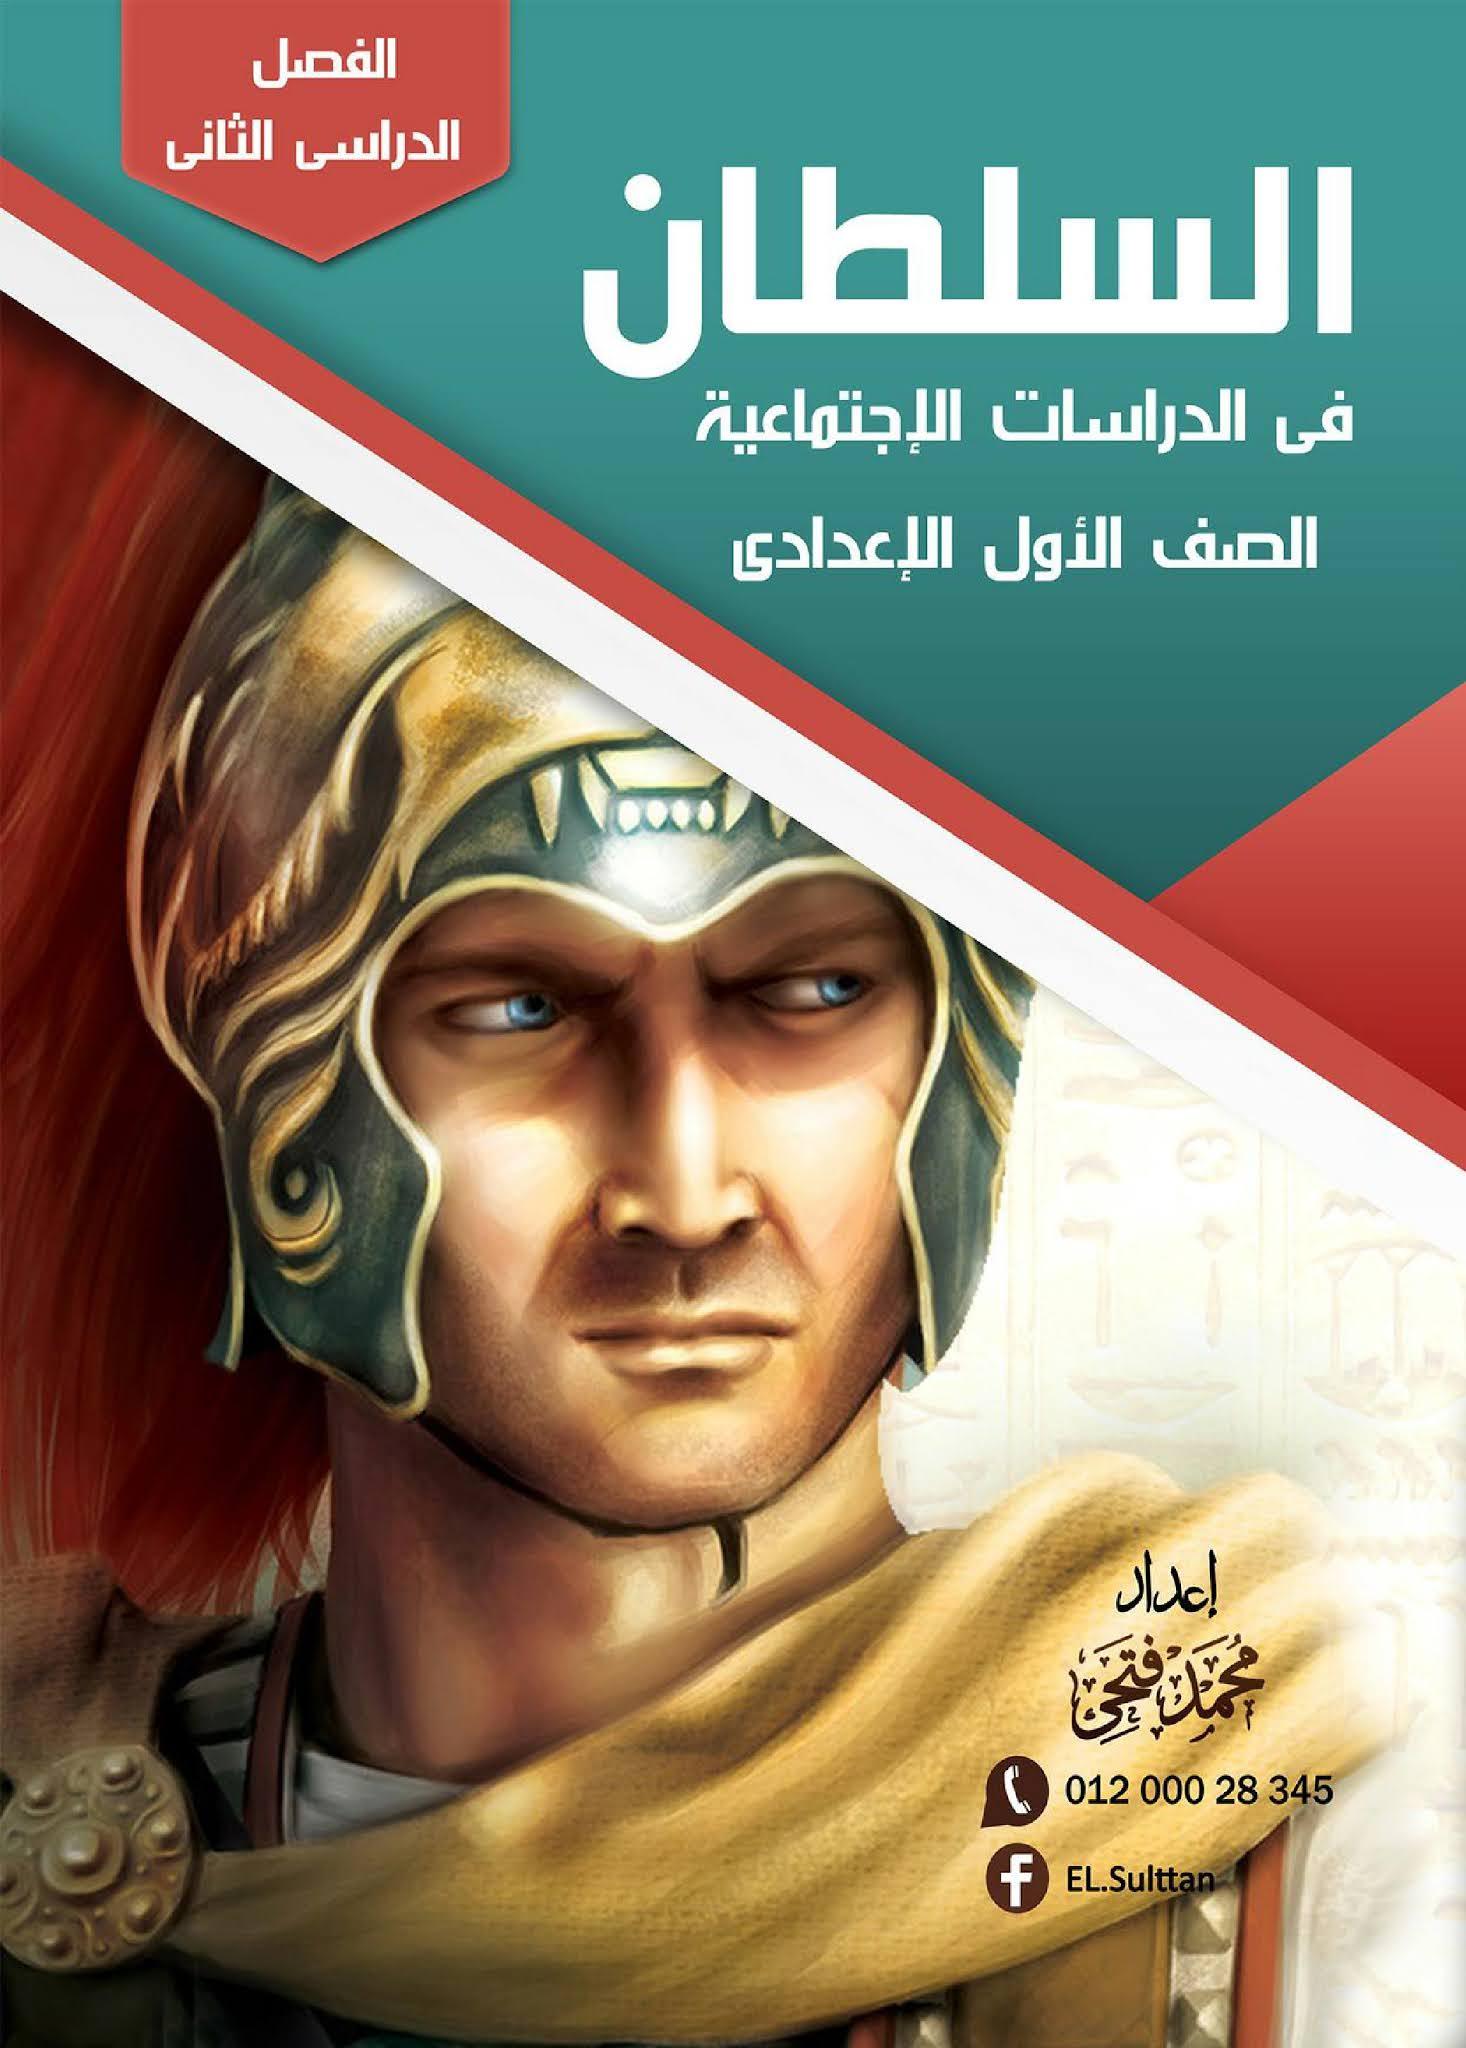 مذكرة السلطان فى الدراسات الاجتماعية للصف الاول الاعدادي الترم الثاني 2021